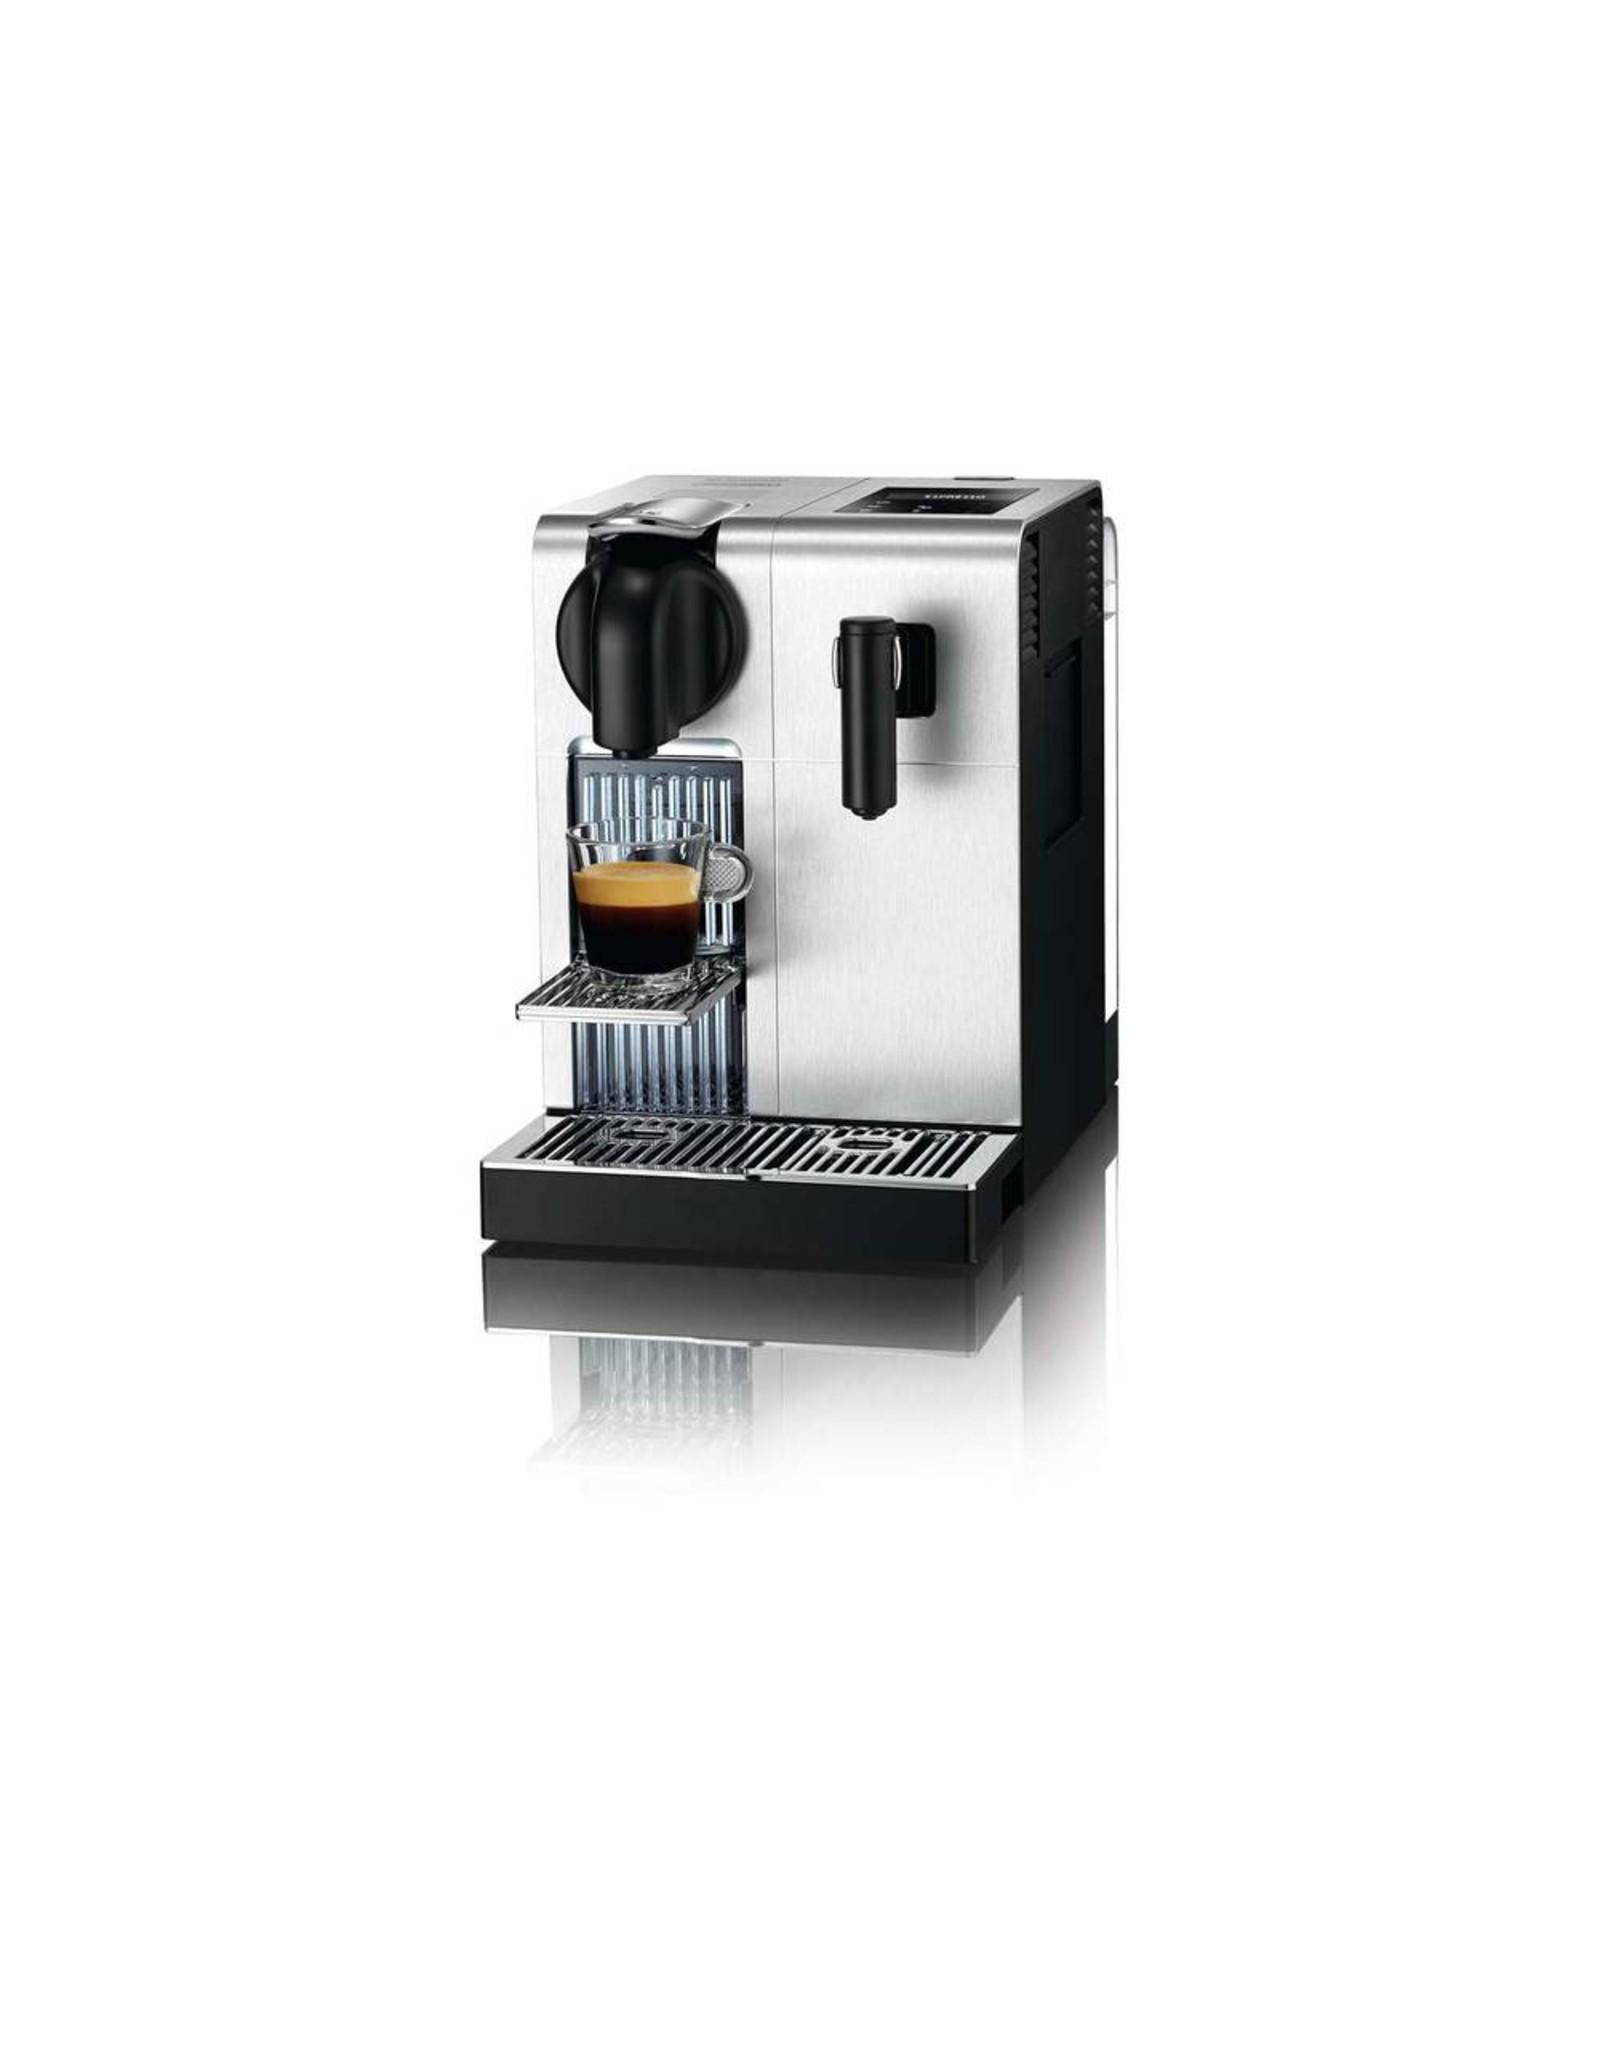 DeLonghi DeLonghi Lattissima Pro EN 750.MB Espressomachine